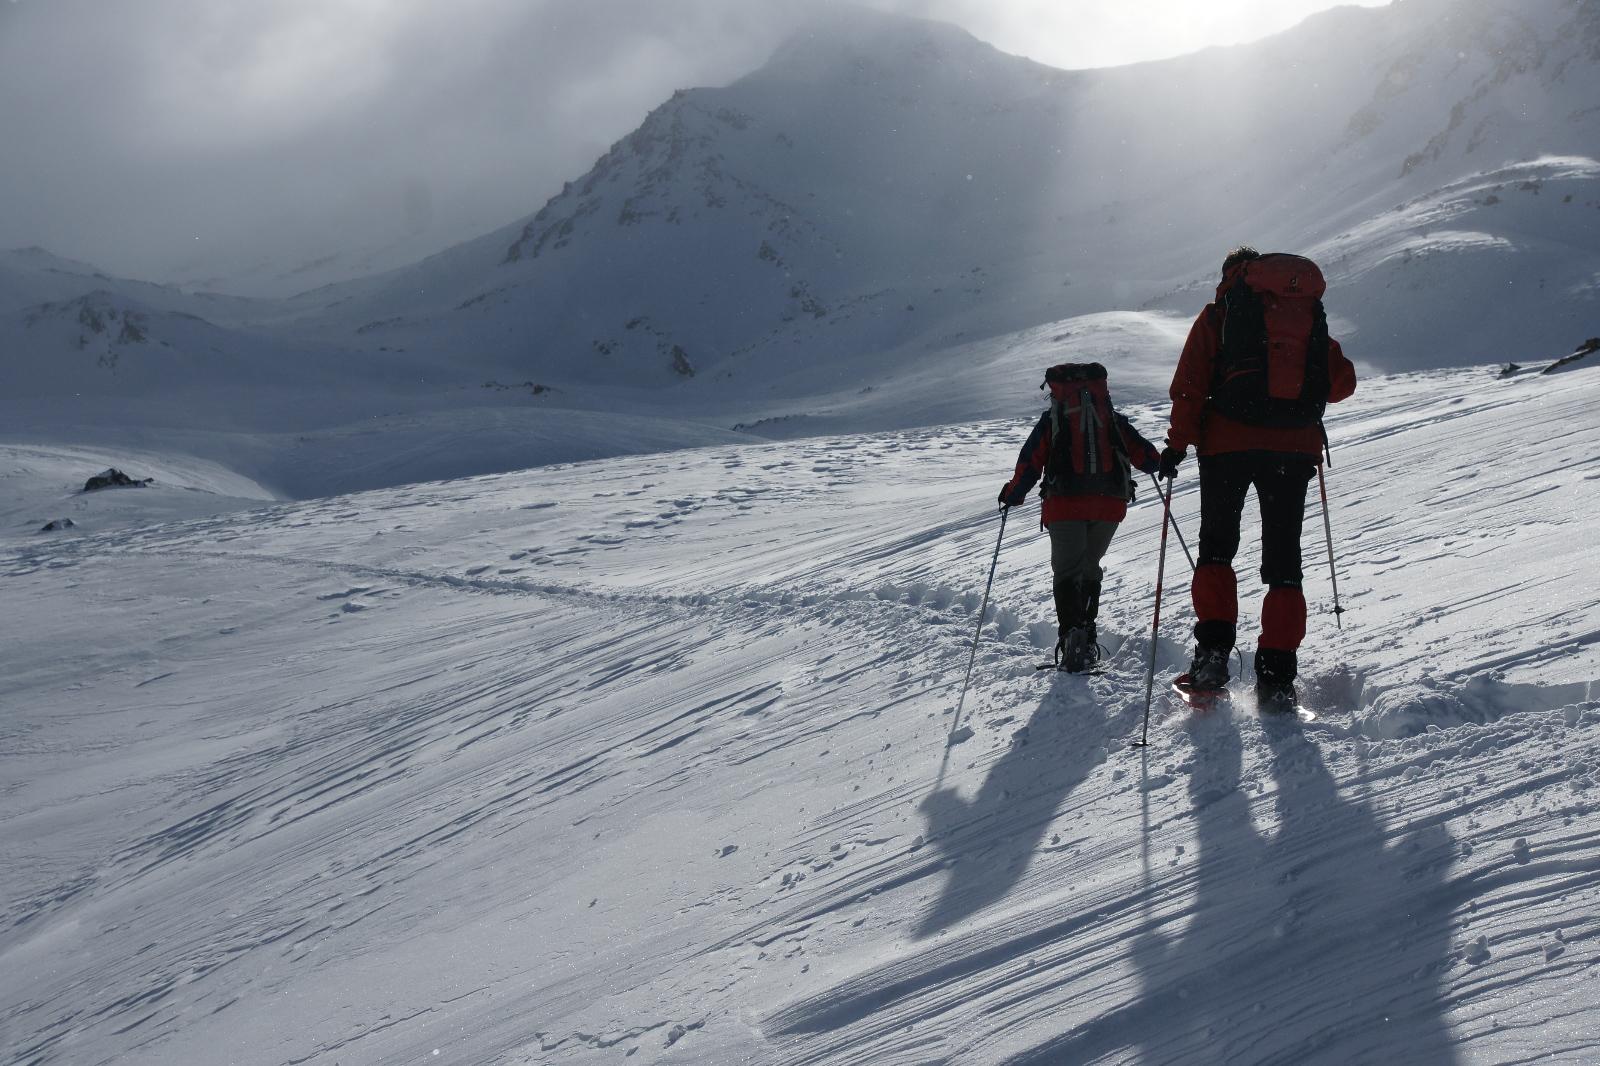 Sneeuwschoenen, Névache, februari 2009